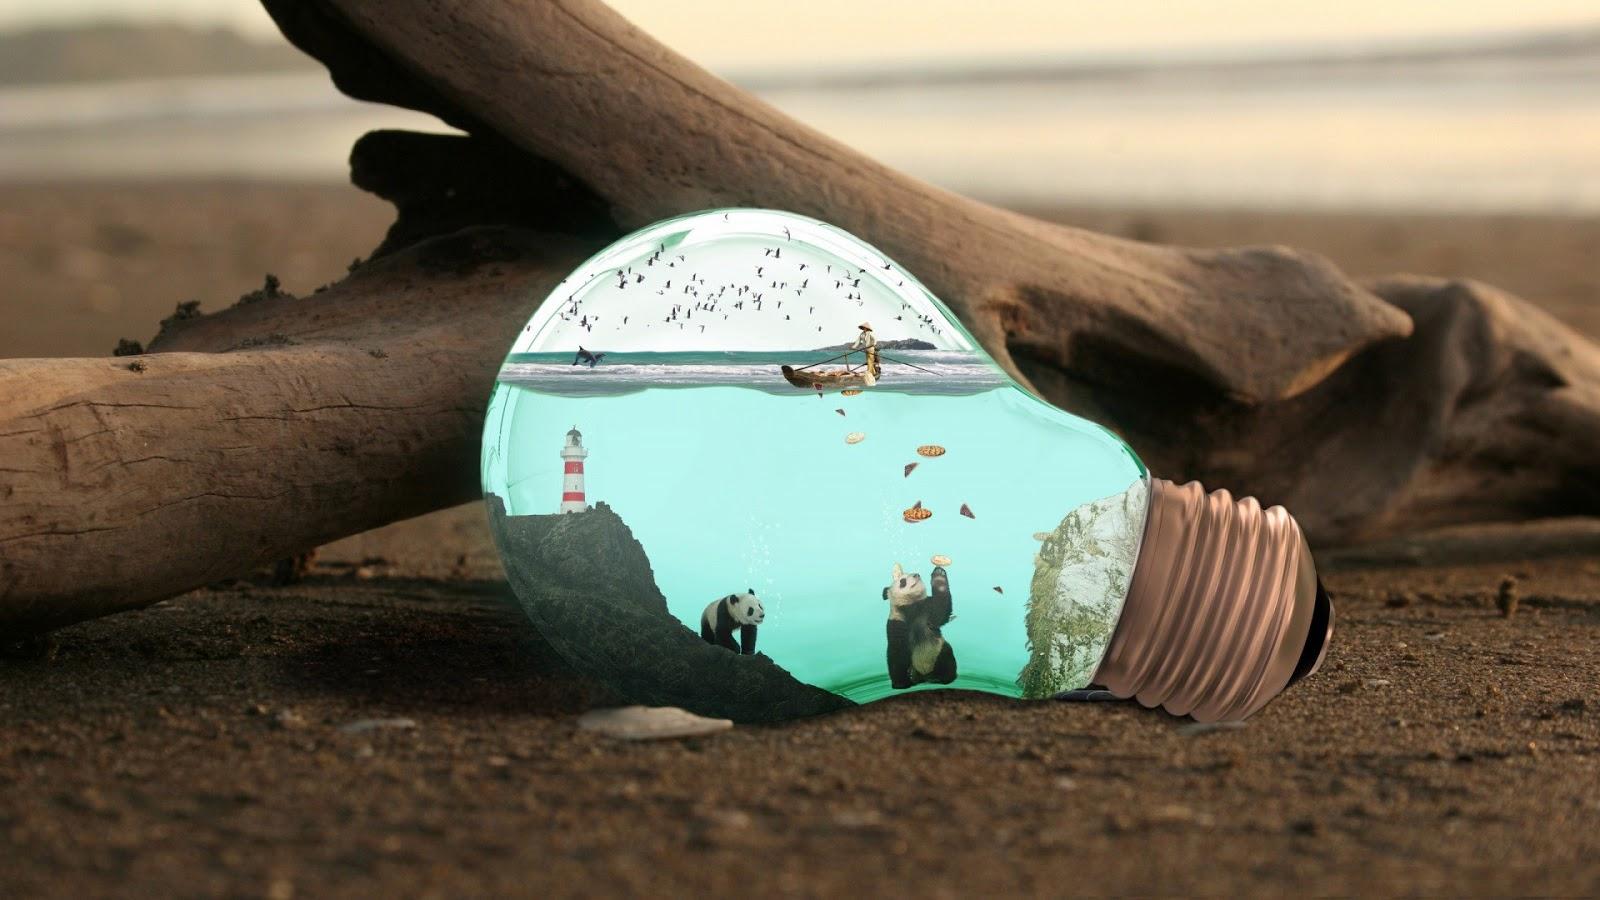 Sfondo desktop hd lampadina i pi scaricati sfondi hd for Immagini sfondo hd